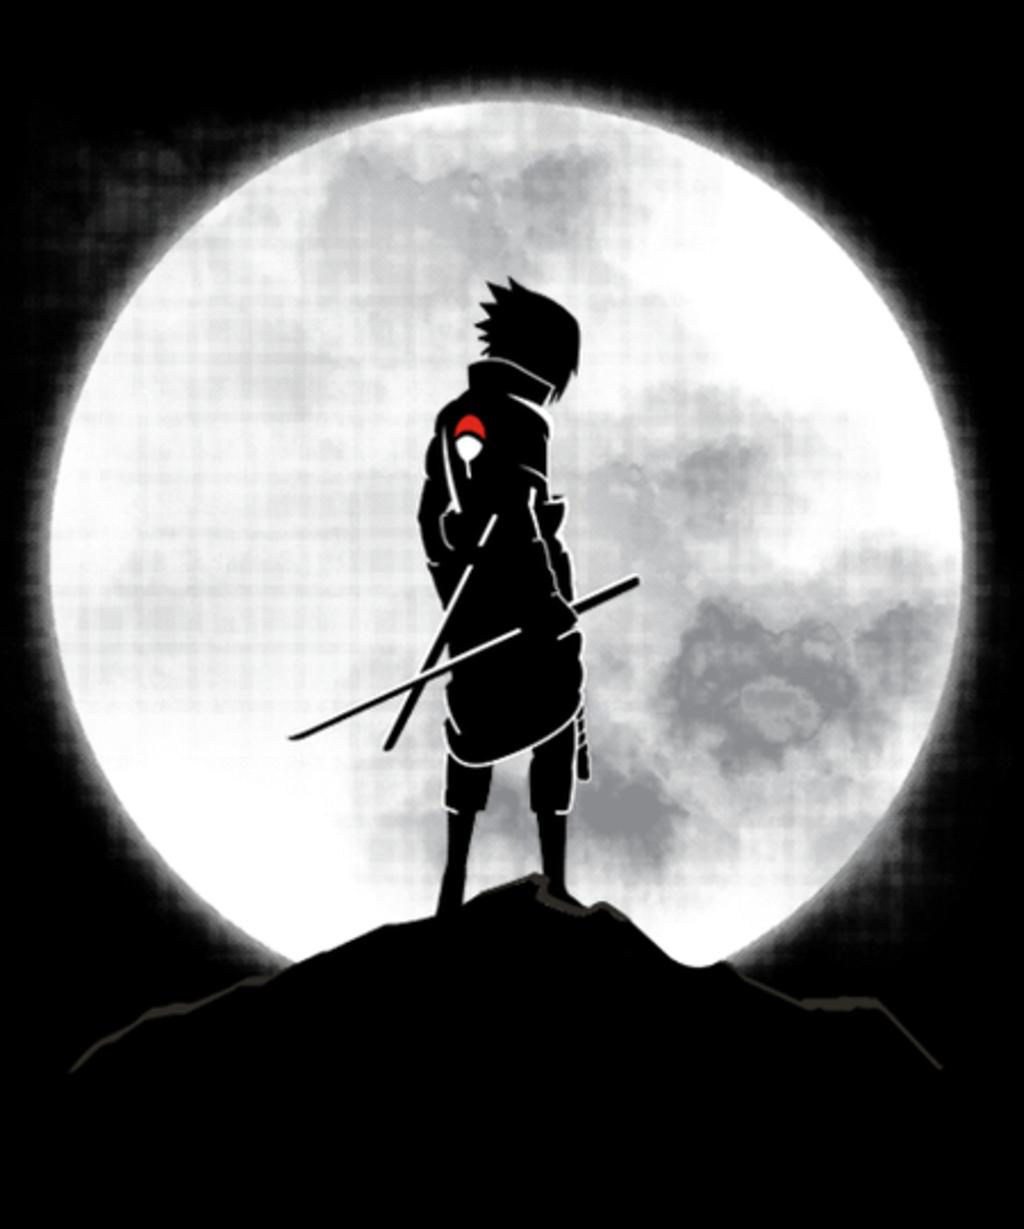 Qwertee: The Avenger